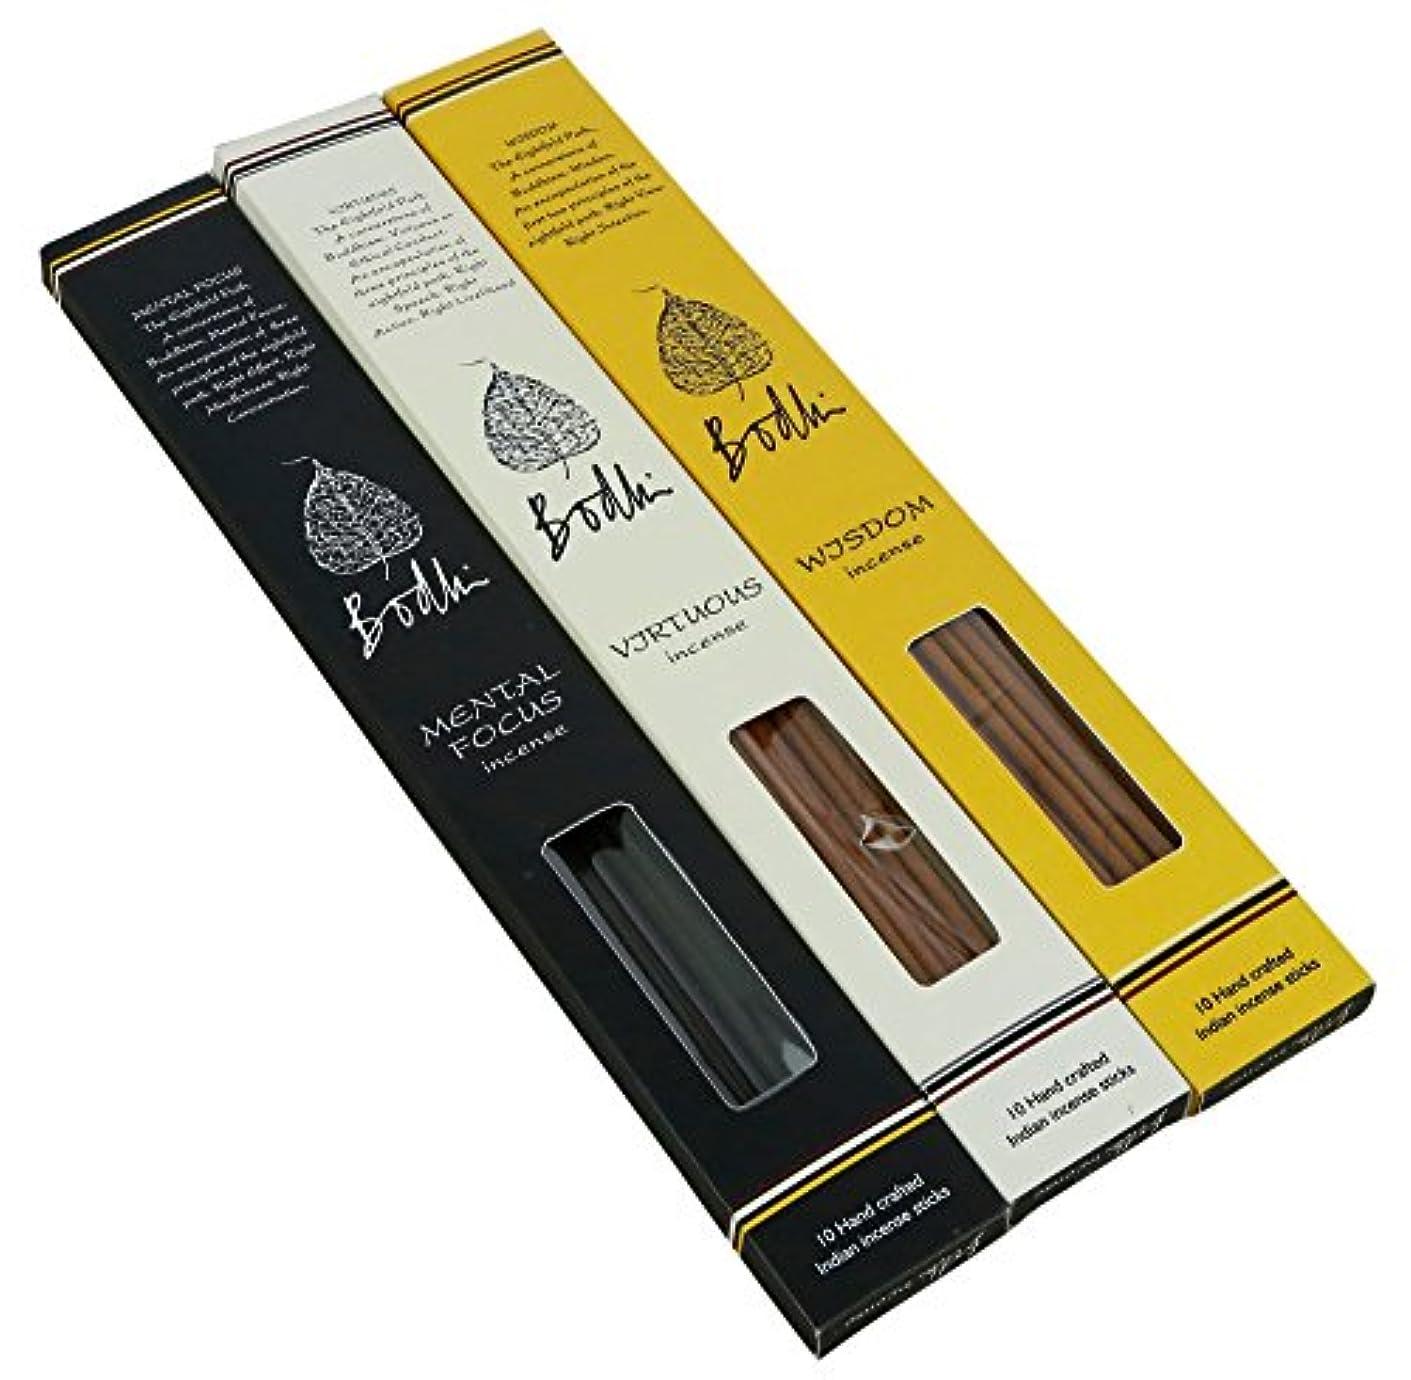 無関心紀元前手数料Bodhi Buddhist Incense Sticks forホームTemple – Virtuous、知恵とMentalフォーカスFragrances、手作り合計30 Sticks